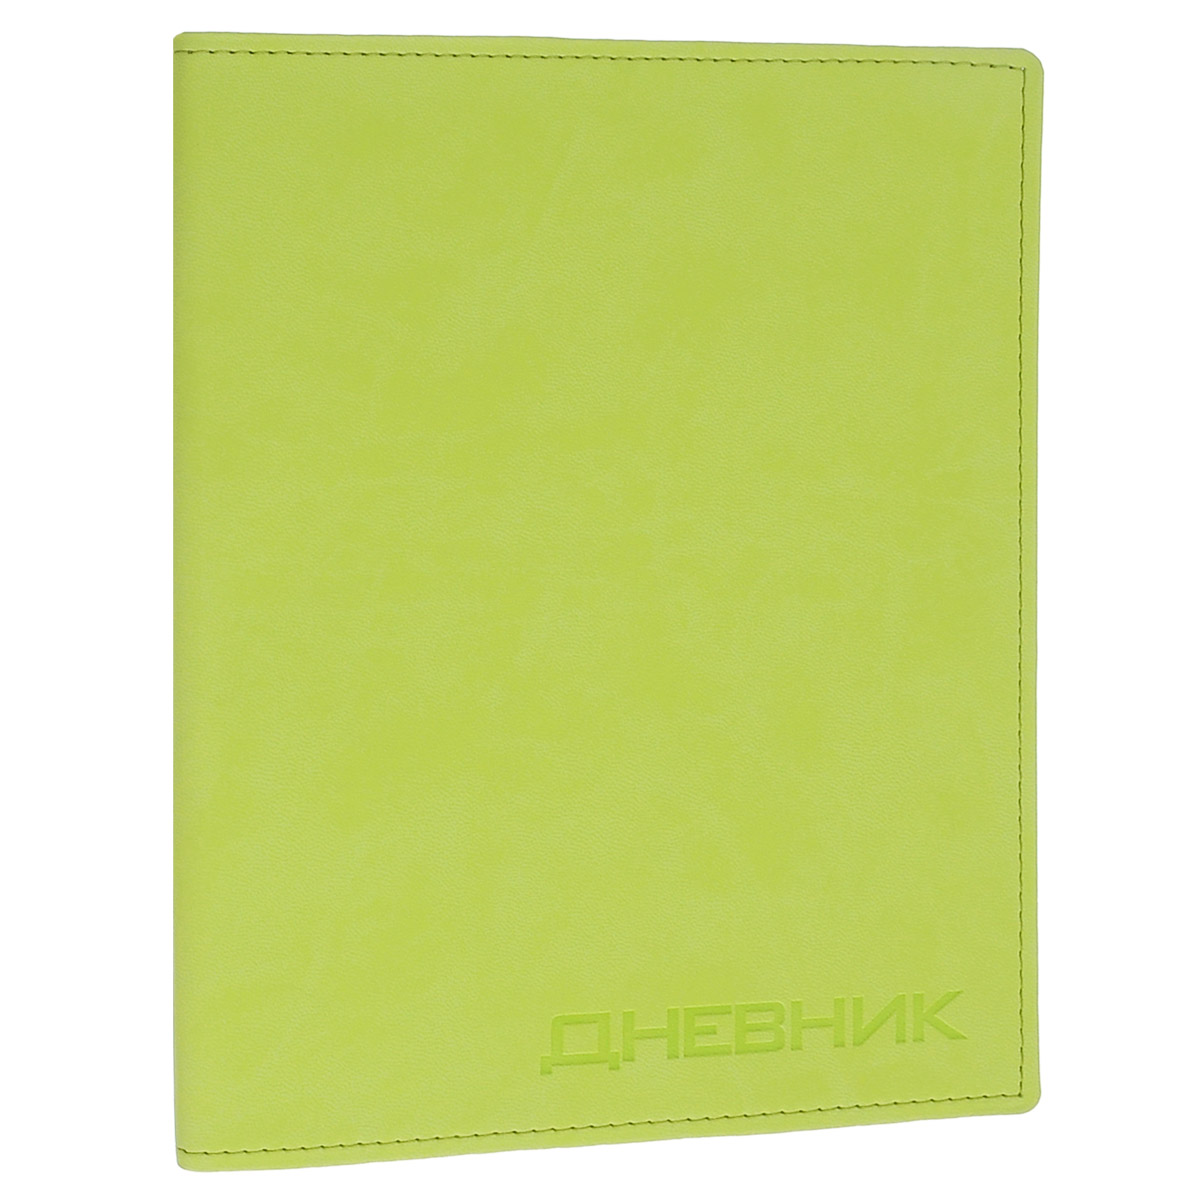 Дневник школьный Триумф Вивелла, цвет: лимонный72523WDШкольный дневник Триумф Вивелла - первый ежедневник вашего ребенка. Он поможет ему не забыть свои задания, а вы всегда сможете проконтролировать его успеваемость.Гибкая, высокопрочная интегральная обложка с закругленными углами прошита по периметру. Надпись нанесена путем вдавленного термотиснения и темнее основного цвета обложки, крепление сшитое. На разворотах под обложкой дневник дополнен политической и физической картой России. Внутренний блок выполнен из качественной бумаги кремового цвета с четкой линовкой темно-серого цвета. В структуру дневника входят все необходимые разделы: информация о школе и педагогах, расписание занятий и факультативов по четвертям. На последней странице для итоговых оценок незаполненные графы изучаемых предметов.